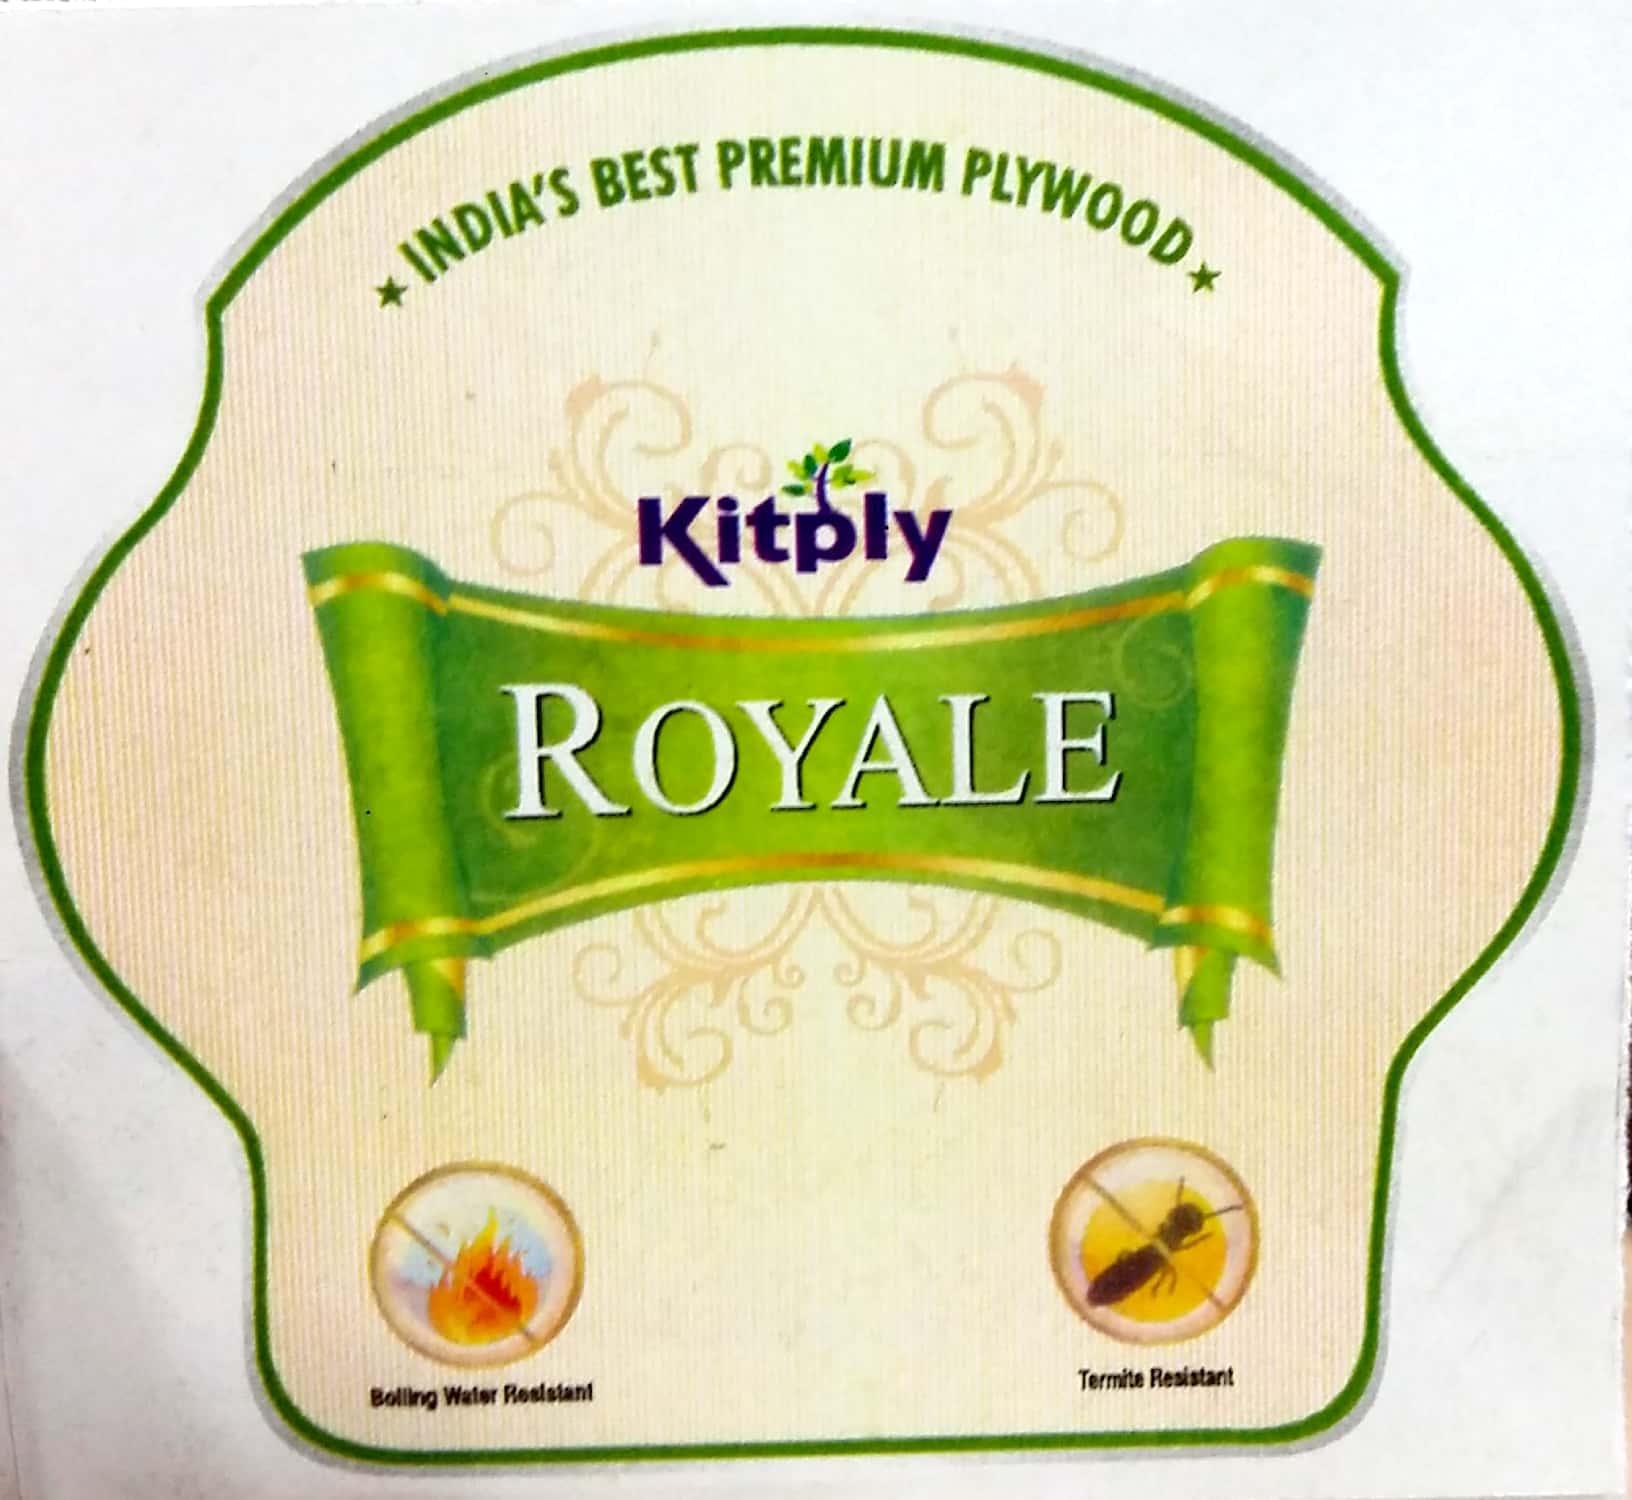 Kitply Royale